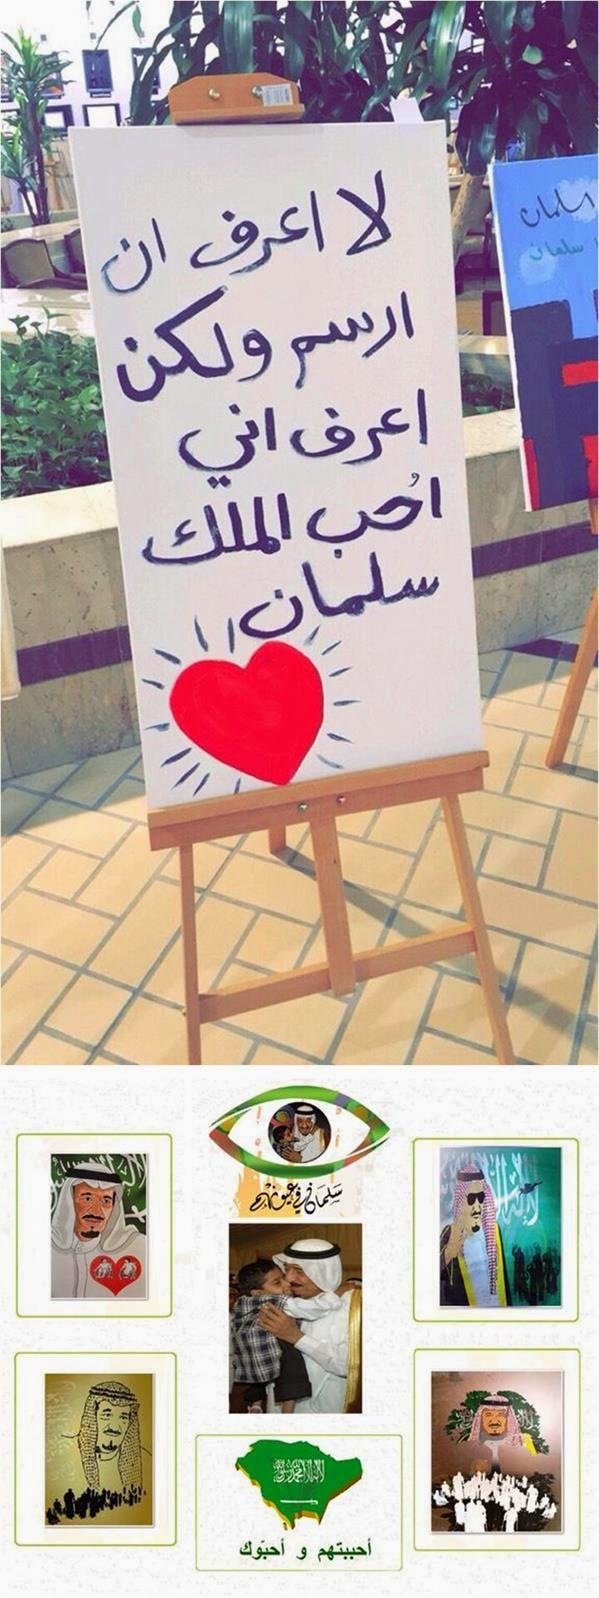 الوليد بن طلال يشتري لوحة أحد ذوي الاحتياجات الخاصة بنصف مليون ريال (صور).